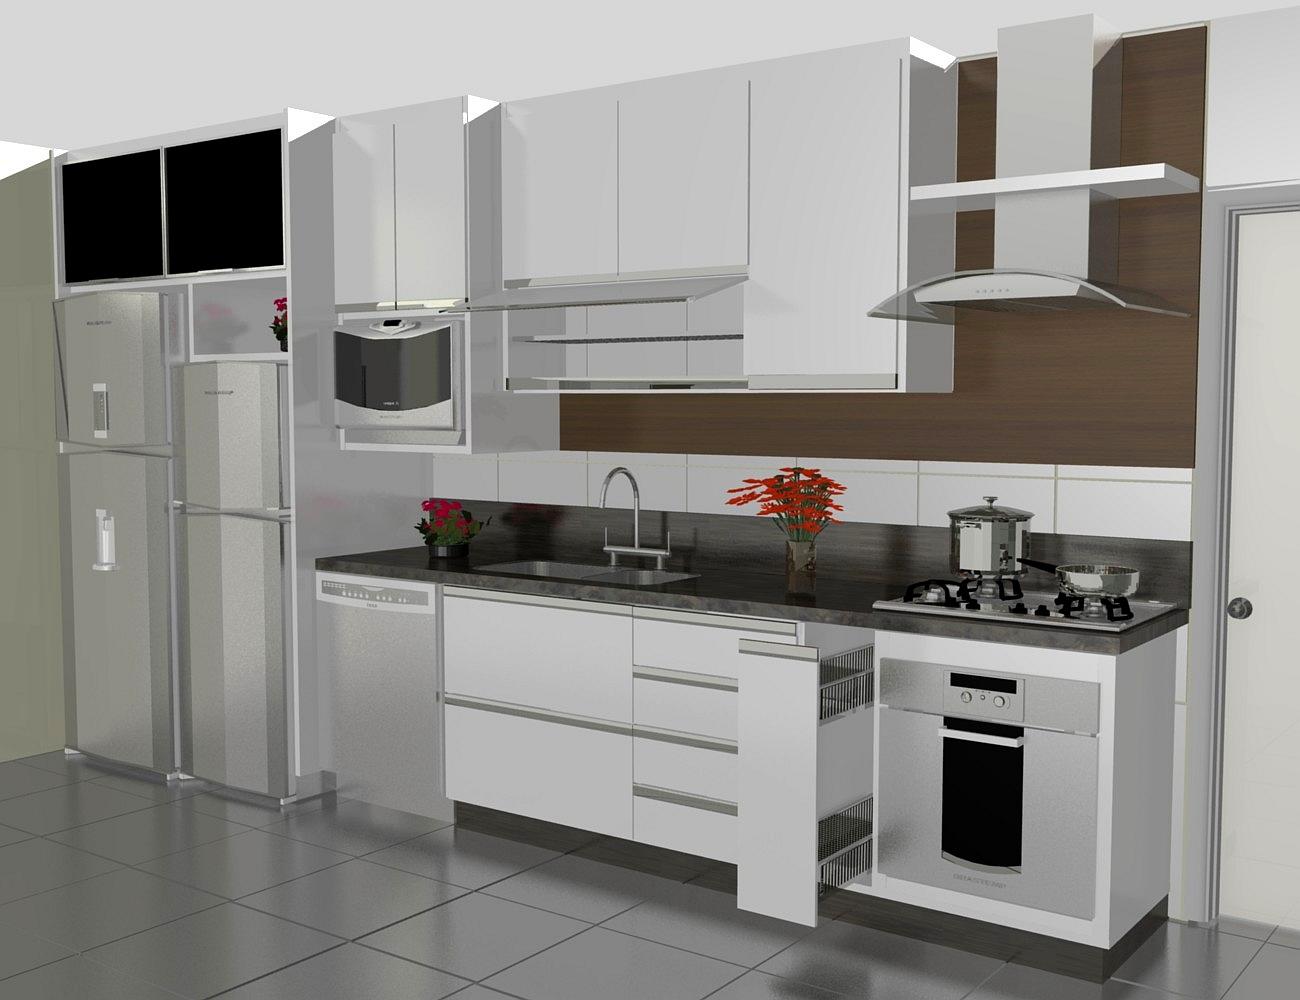 fui móveis planejado marcenaria sob medida vogue dormitórios cozinha #5D4839 1300 1000